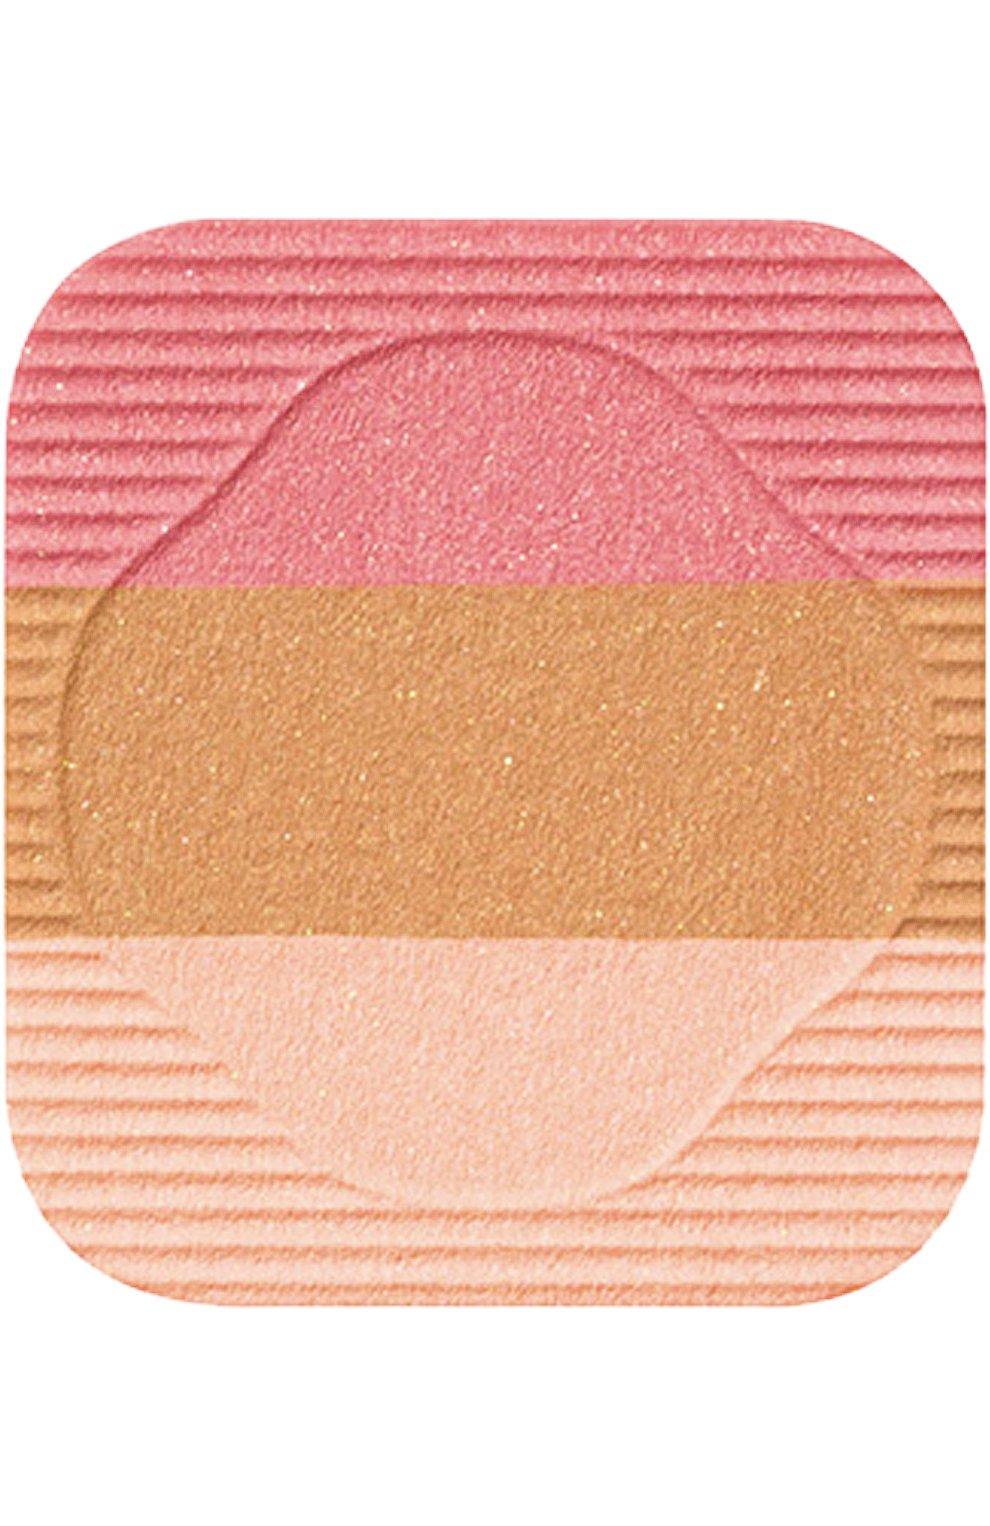 Женские румяна-трио с шелковистой текстурой и эффектом сияния rd1 SHISEIDO бесцветного цвета, арт. 11006SH | Фото 2